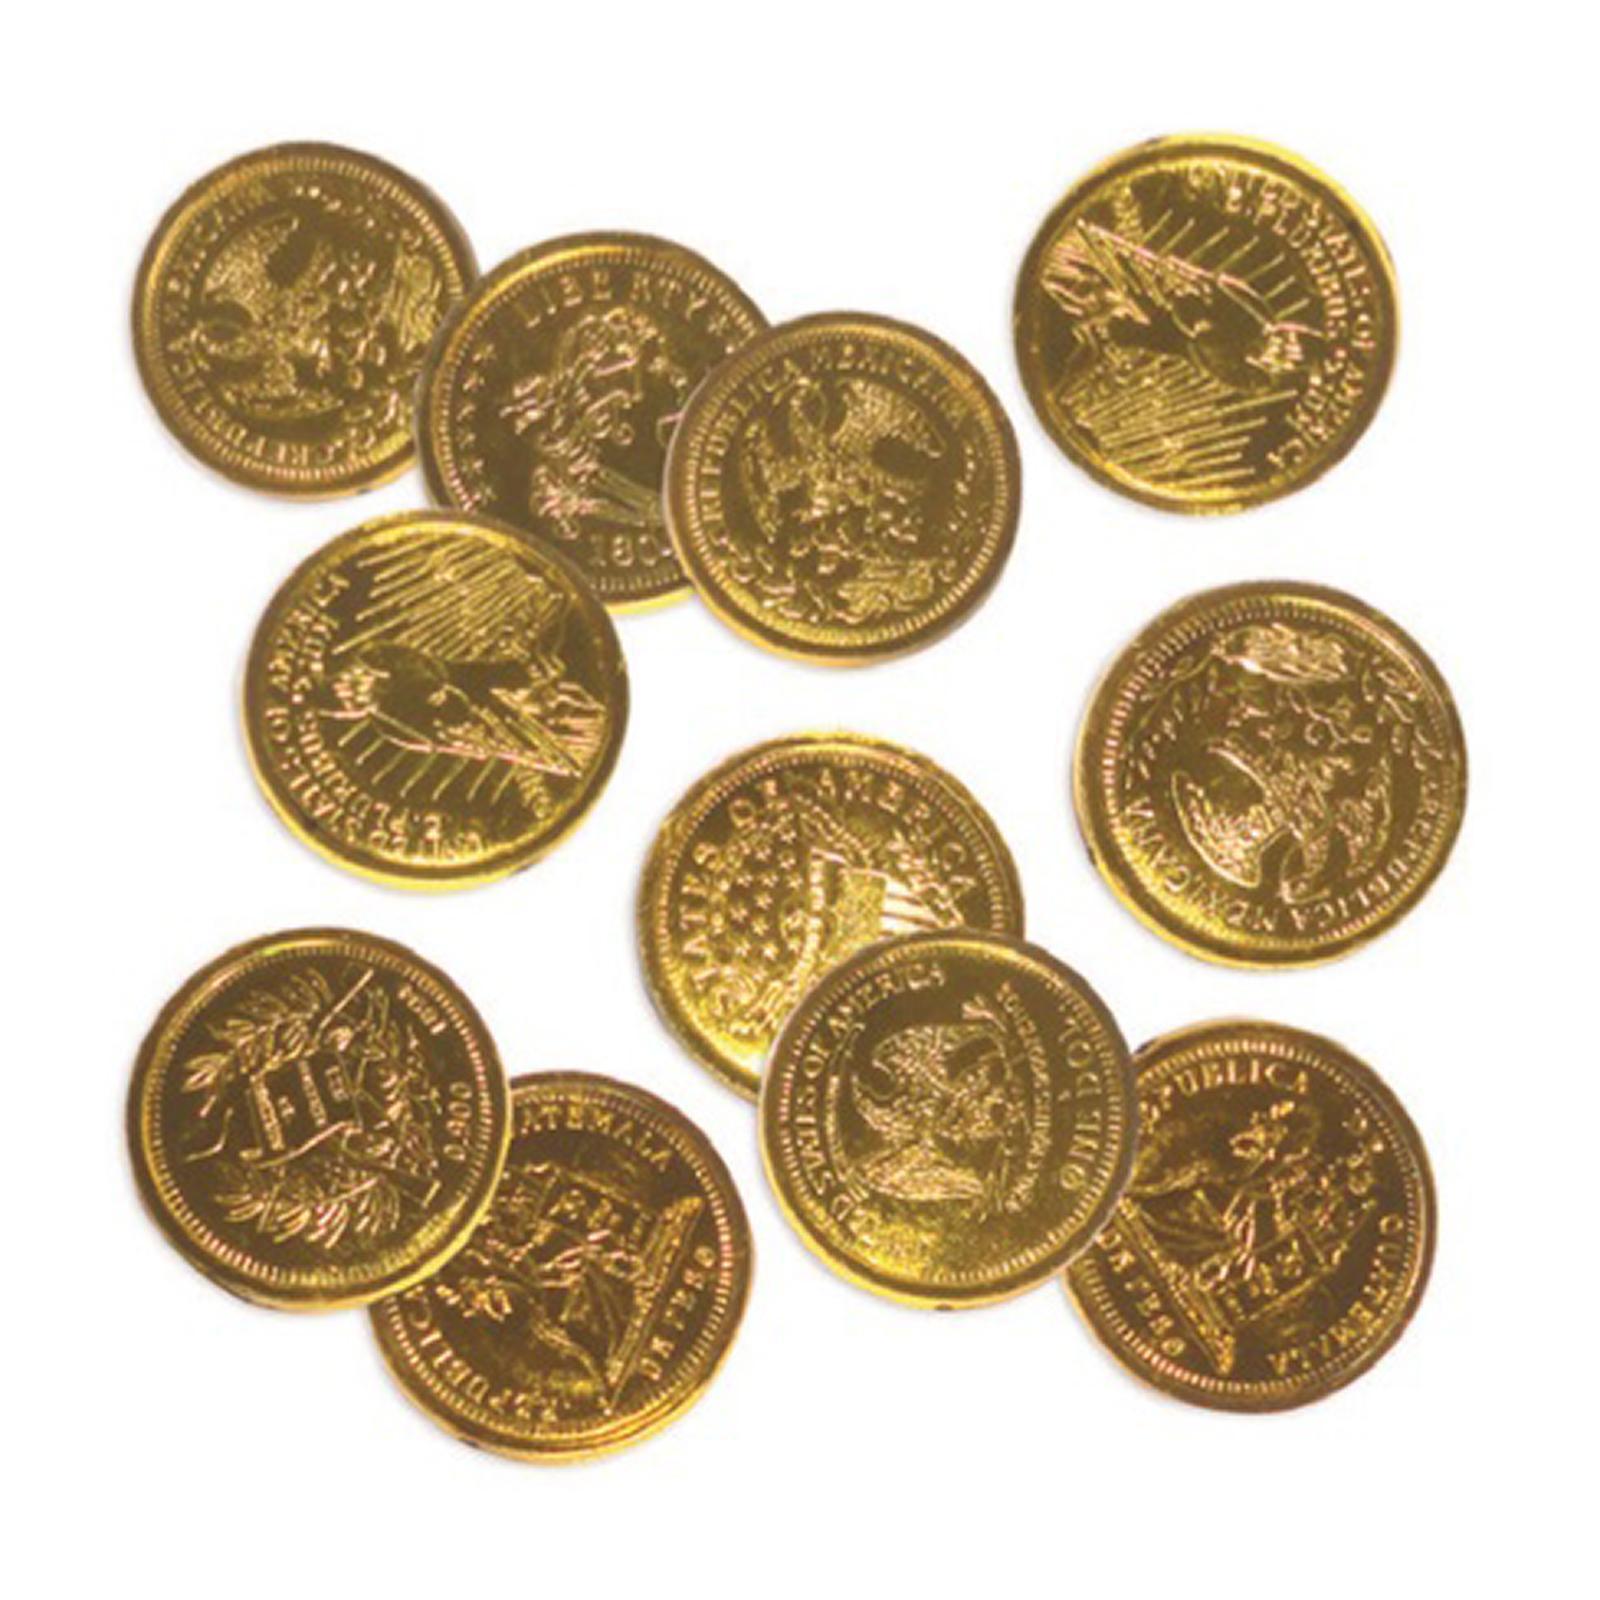 Artwrap Party Favors - Gold Coins